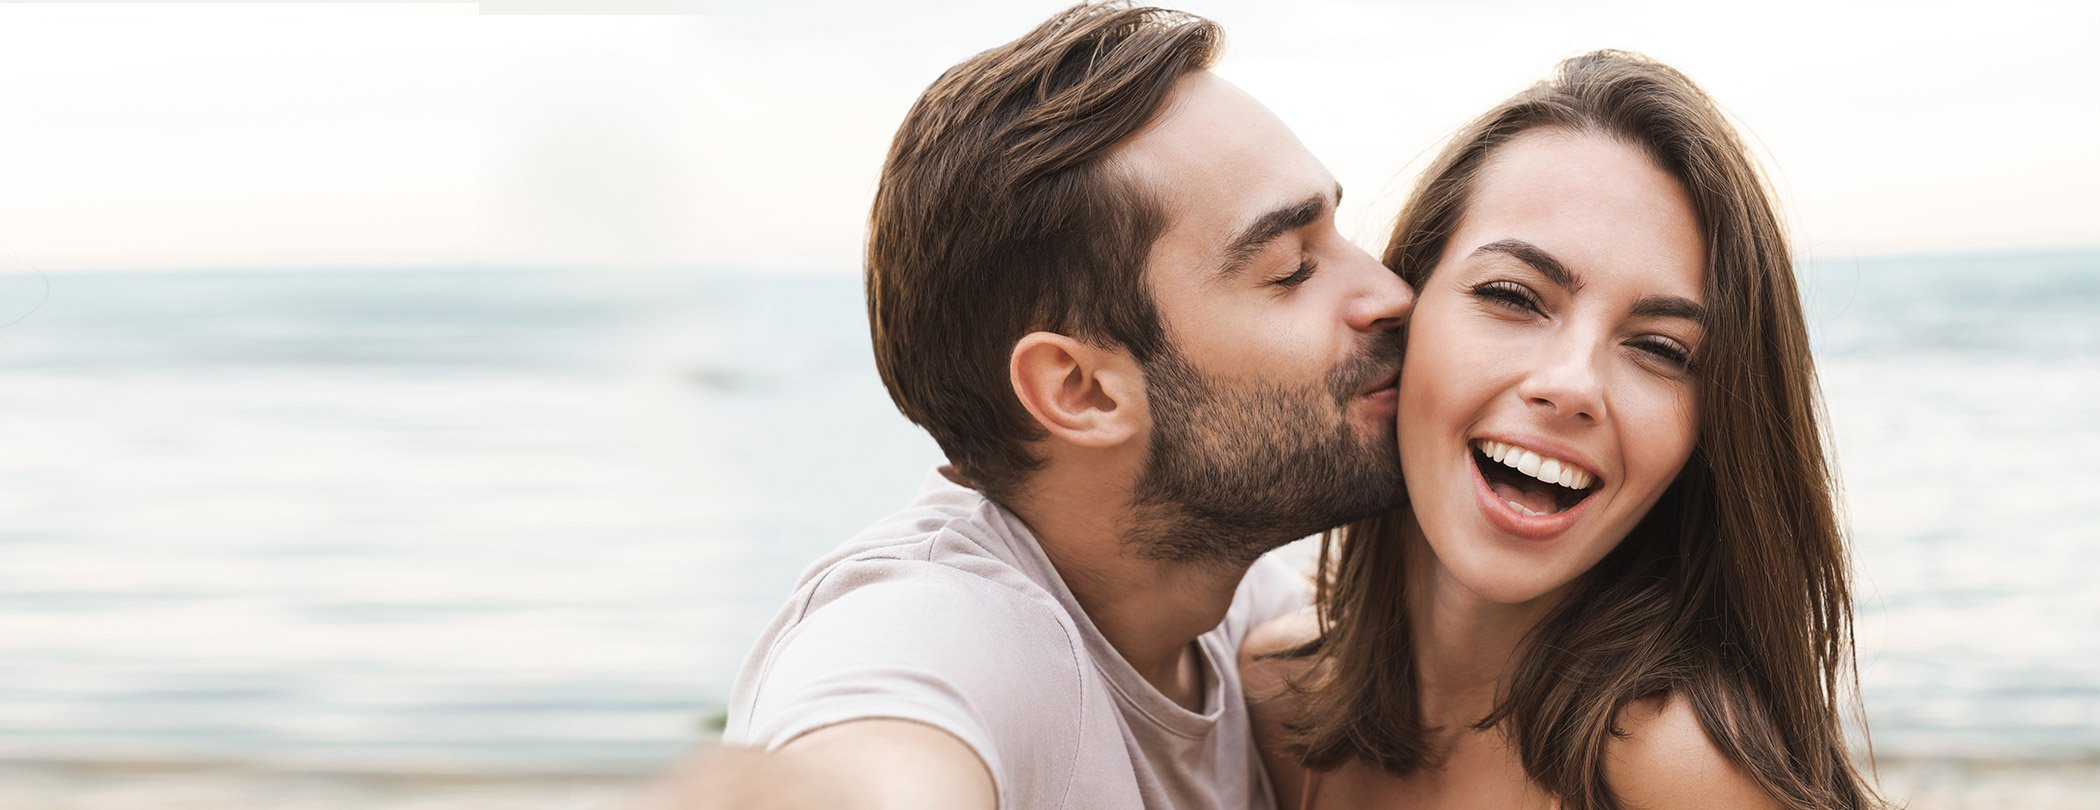 """""""Dünyanı değiştirmek istiyorsan aşık ol"""" diye boşa dememişler. Peki, senin aşk hayatın nasıl gidiyor? Hâlâ ilk mesaj ondan gelsin diye mi bekliyorsun? Yoksa kıskançlık krizleri ile hayatındaki kişiyi boğmaya devam mı ediyorsun? Merak etme, senin gibi tecrübeli aşıklar kendi ilişki problemleri ile aşk hikayelerini burada hep birlikte konuşuyor!"""